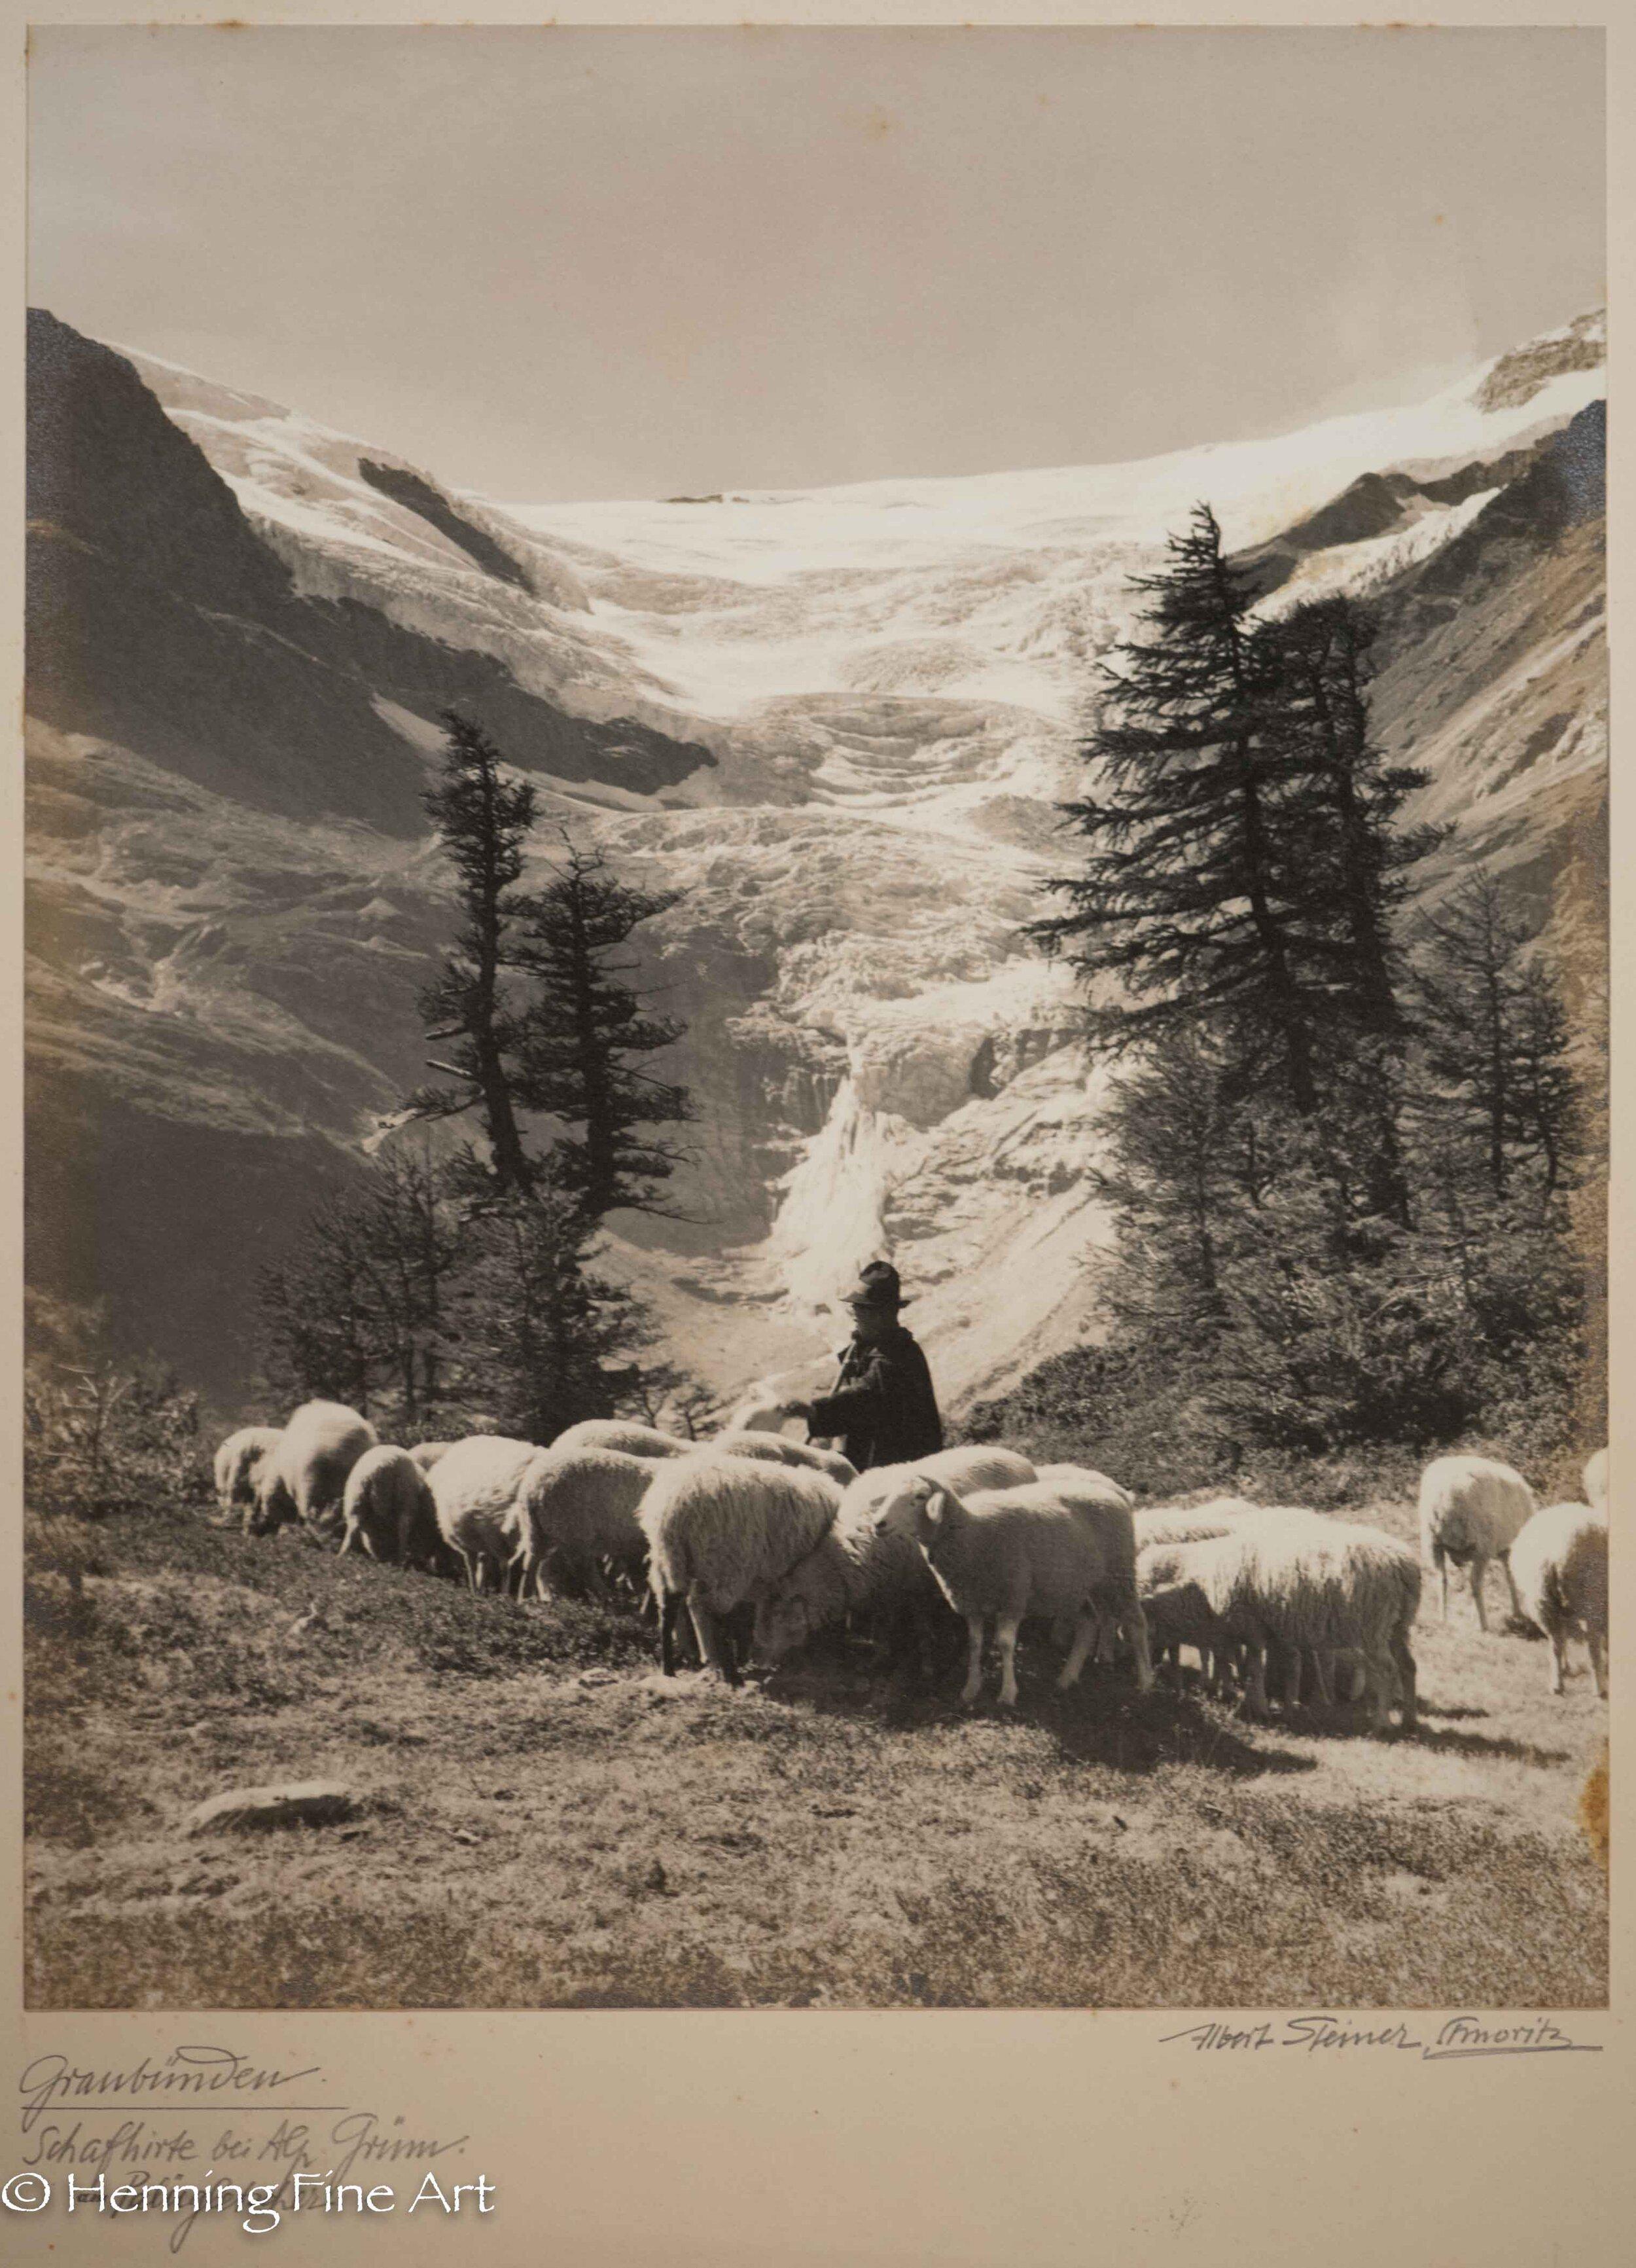 """Albert Steiner (1877 - 1965) """"Graubunden. Schafhirte bei Alp Grum. Am Palugletscher.""""  Image (6-4)"""